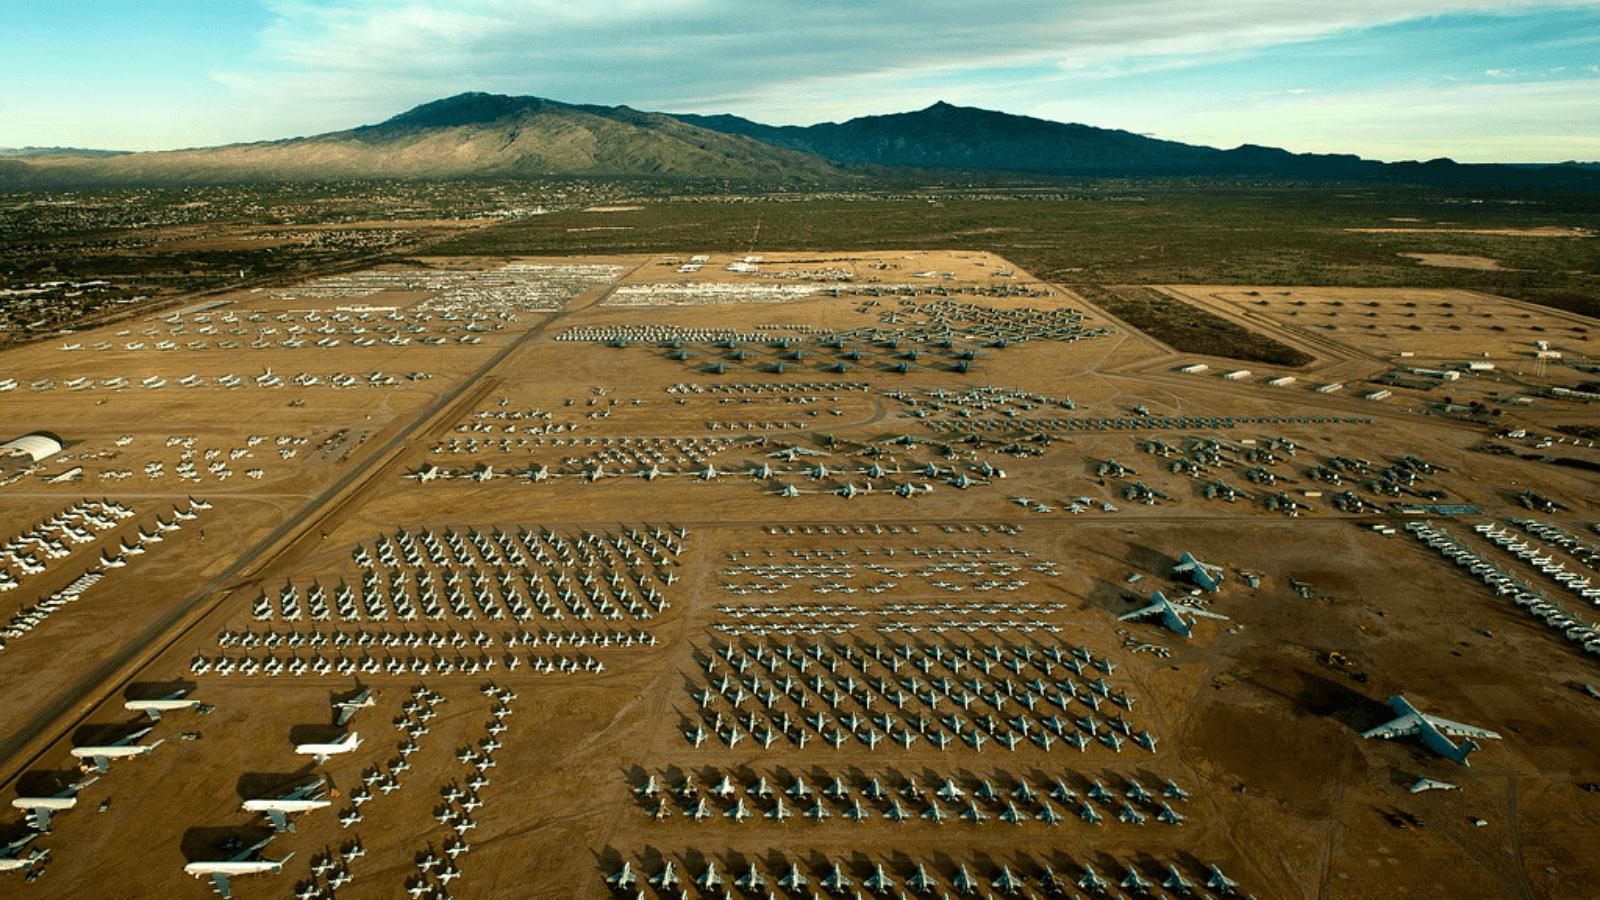 Descubre The Boneyard en Arizona el mayor cementerio de aviones del mundo que puedes visitar gracias a un tour